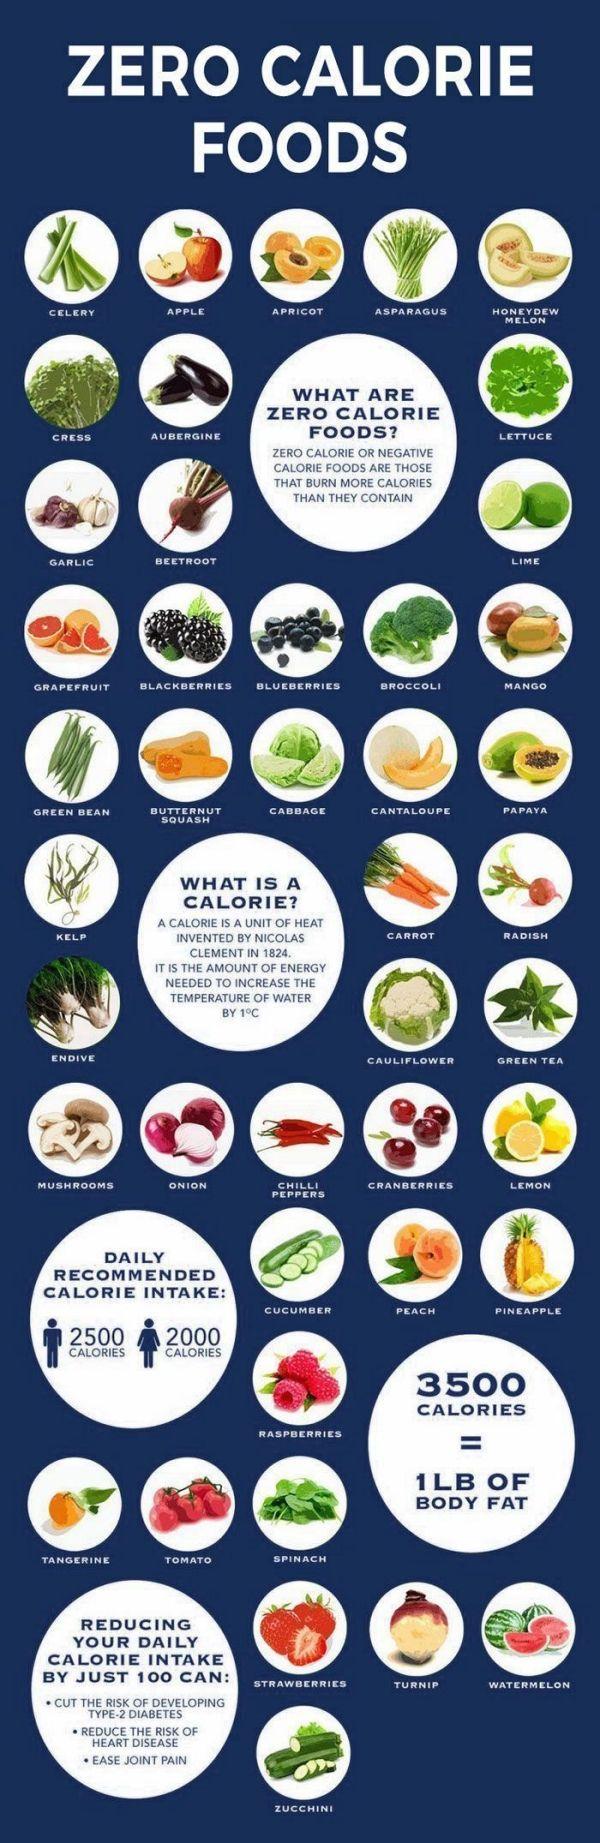 Zero calorie/negative calorie foods. by phoebe